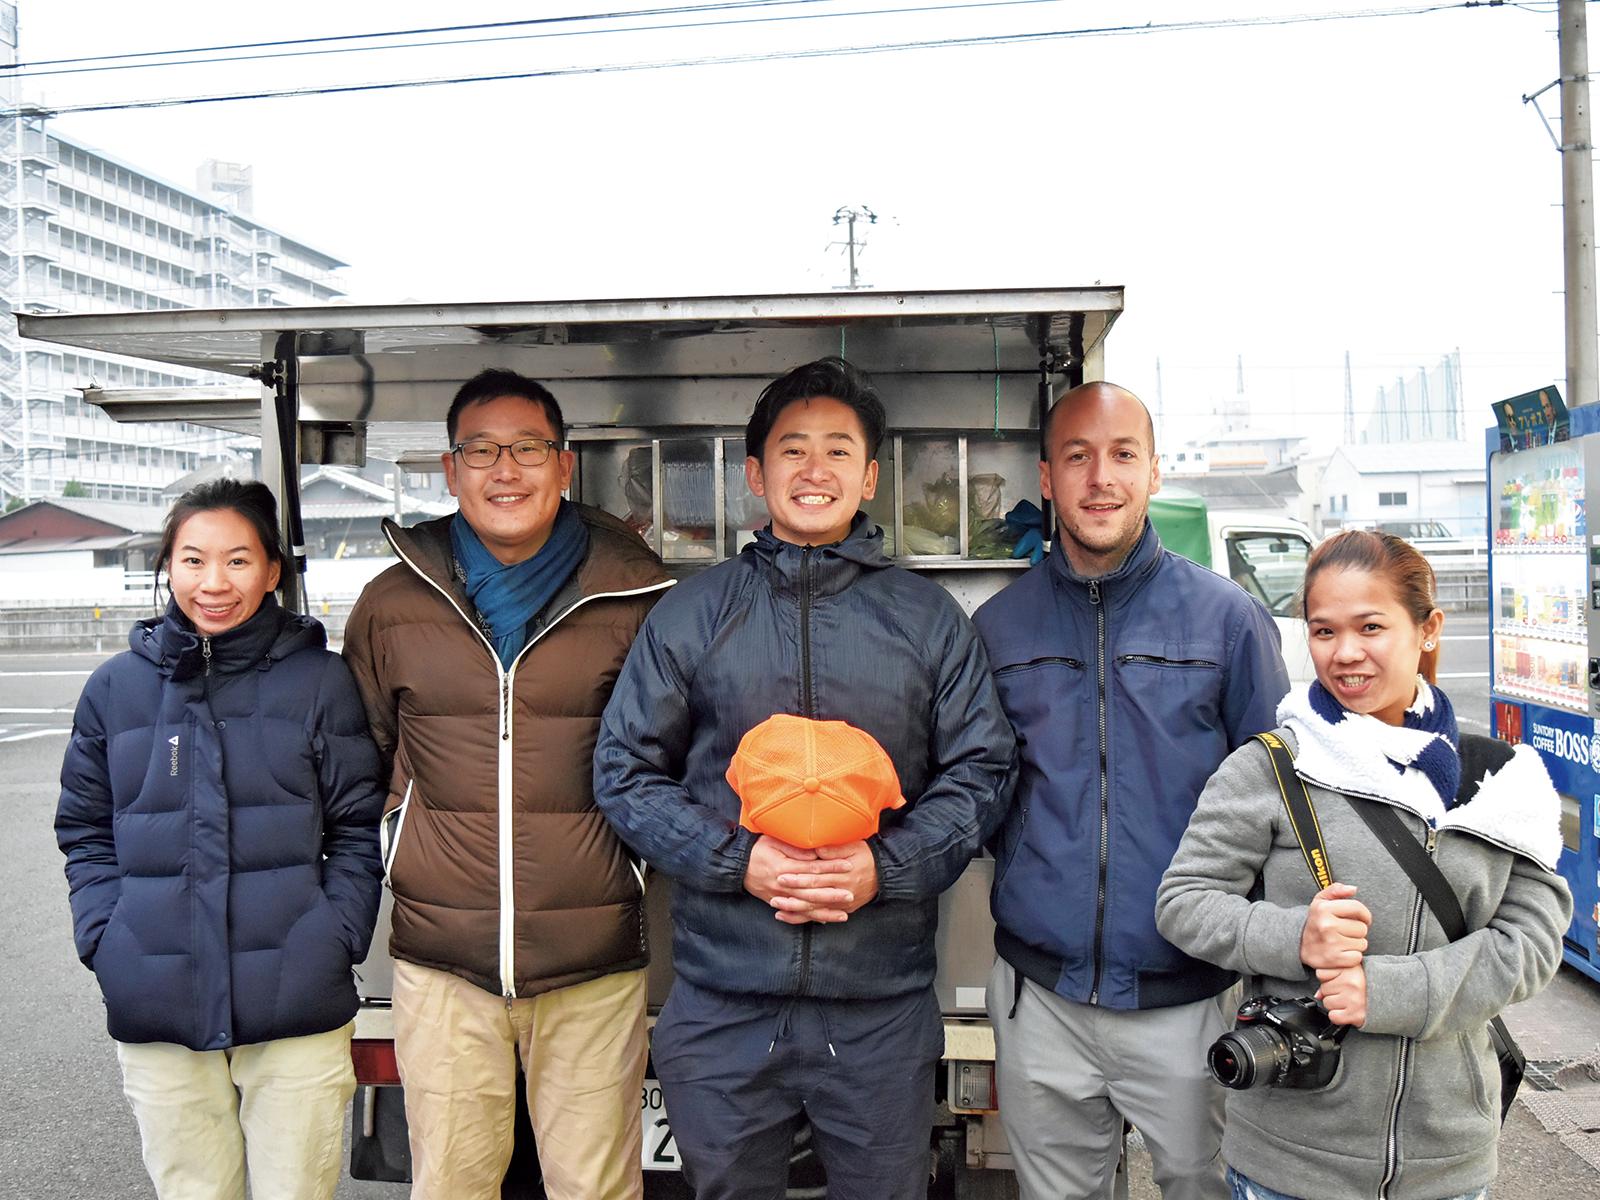 魚屋さんの川越さんが案内する「いただきさんと巡る市場ツアー」。学んだ英語を活かす活動も支援。